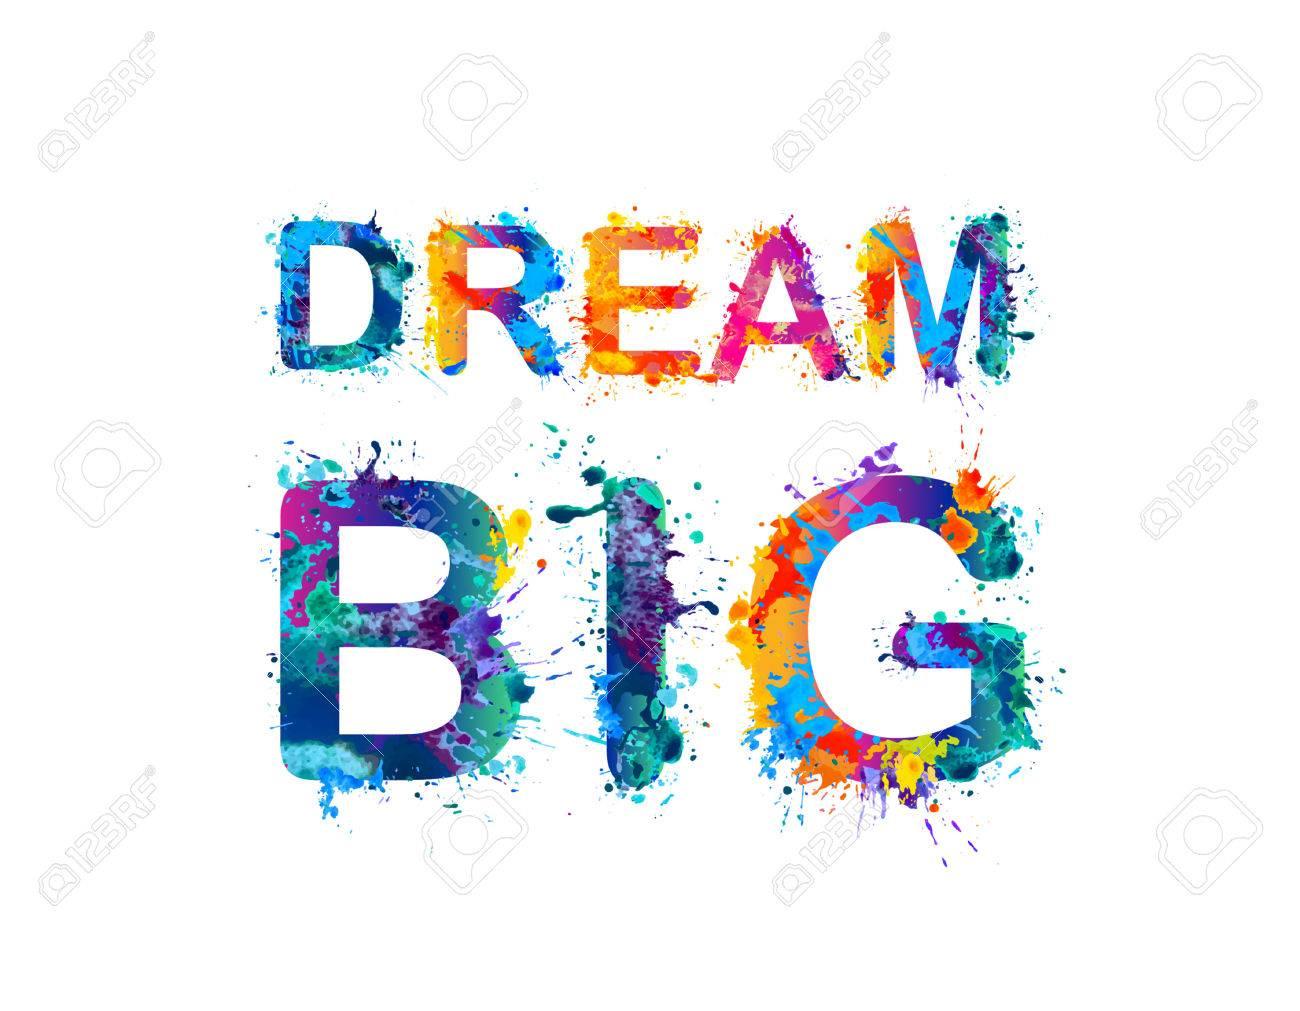 DREAM BIG. Motivation inscription of splash paint letters.